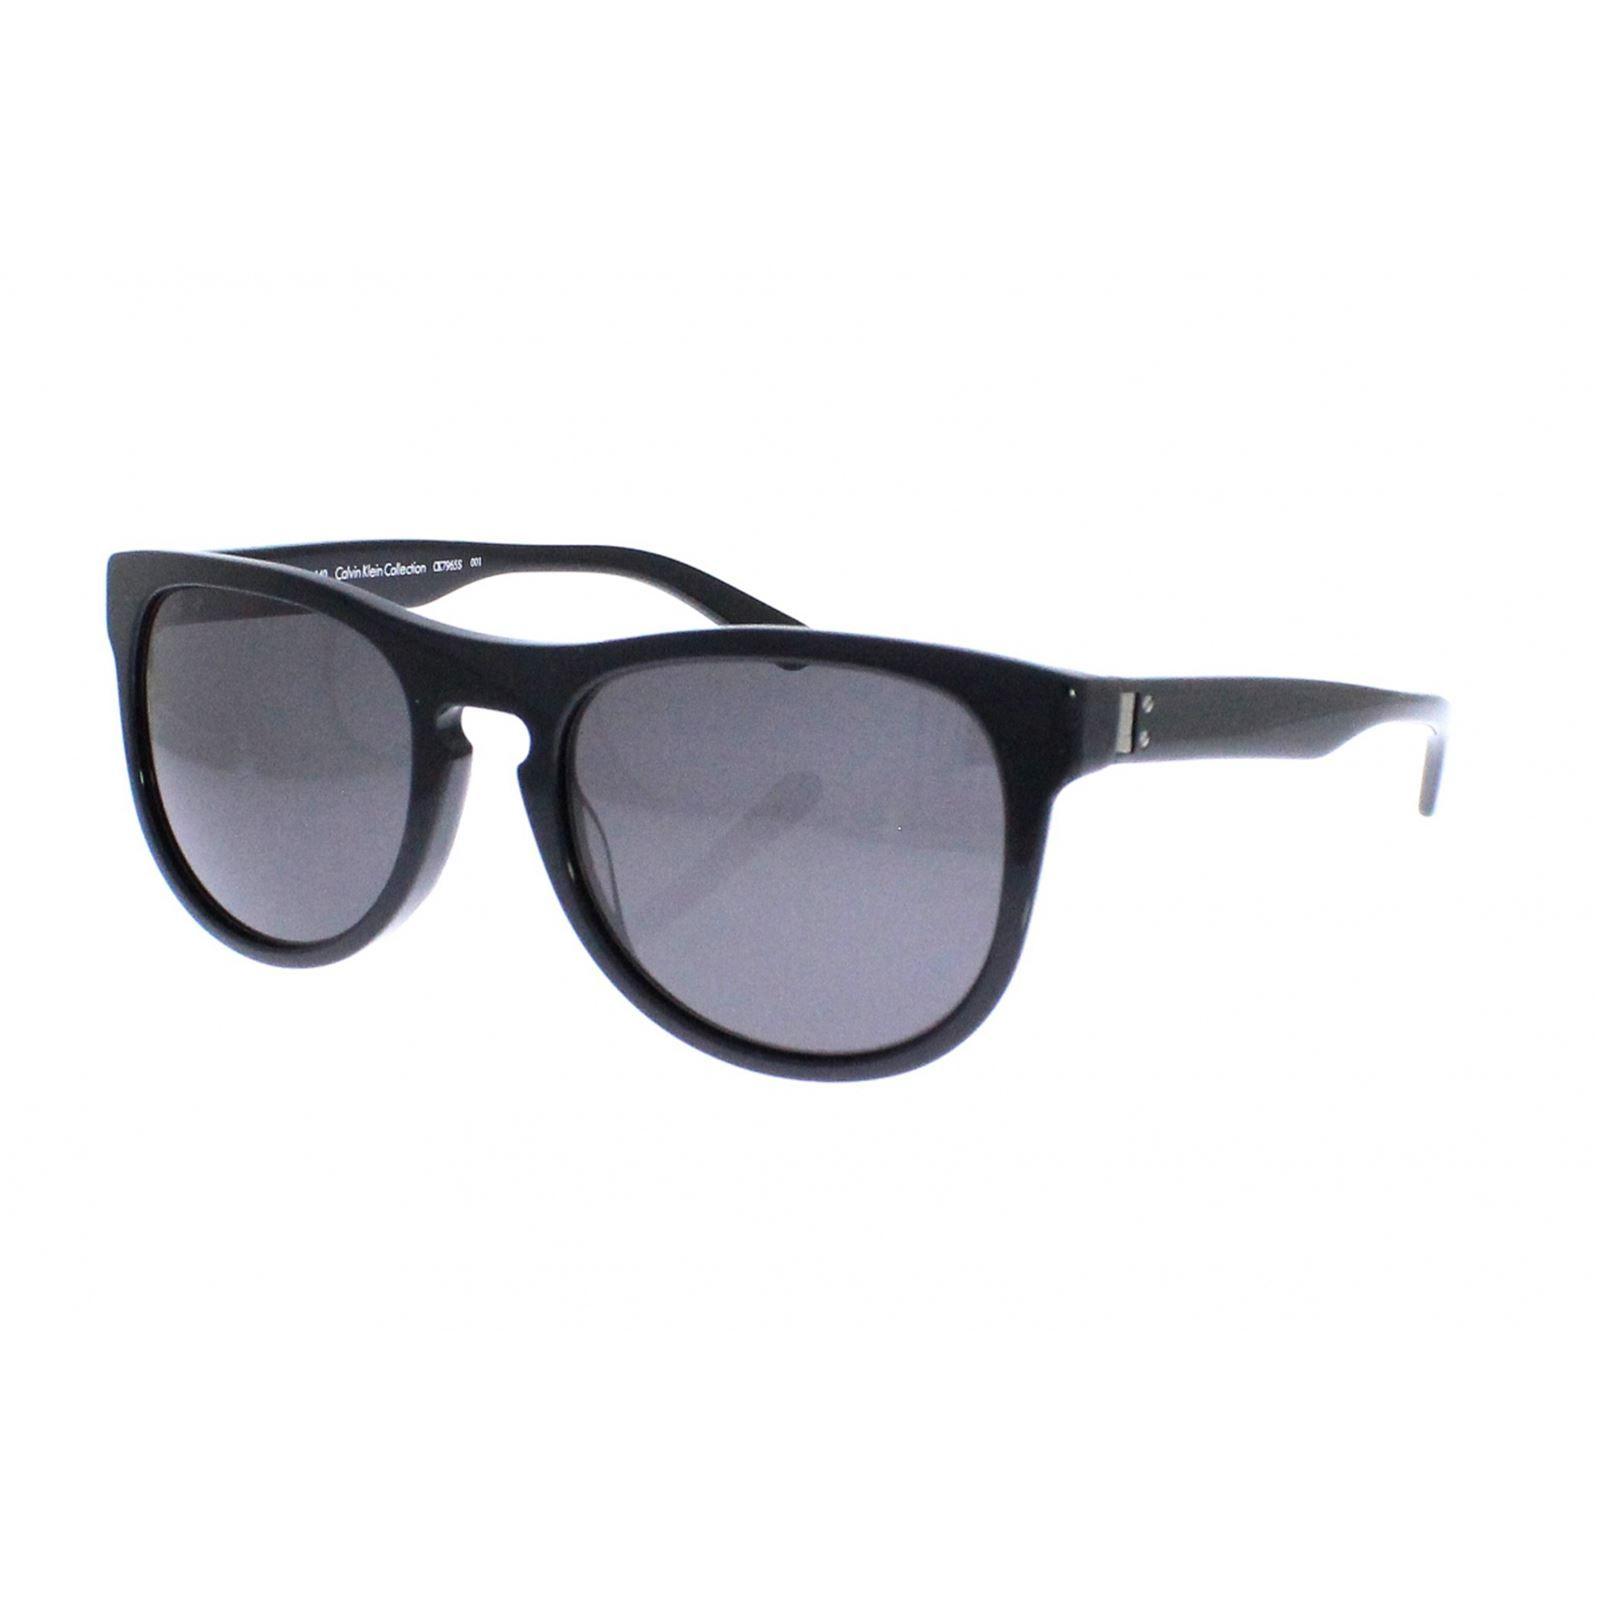 Acheter calvin klein lunettes homme original pas cher ici en ligne avec le  prix le plus bas possible. Remises spéciales sur les nouvelles offres 2018. 47e88d9dc568